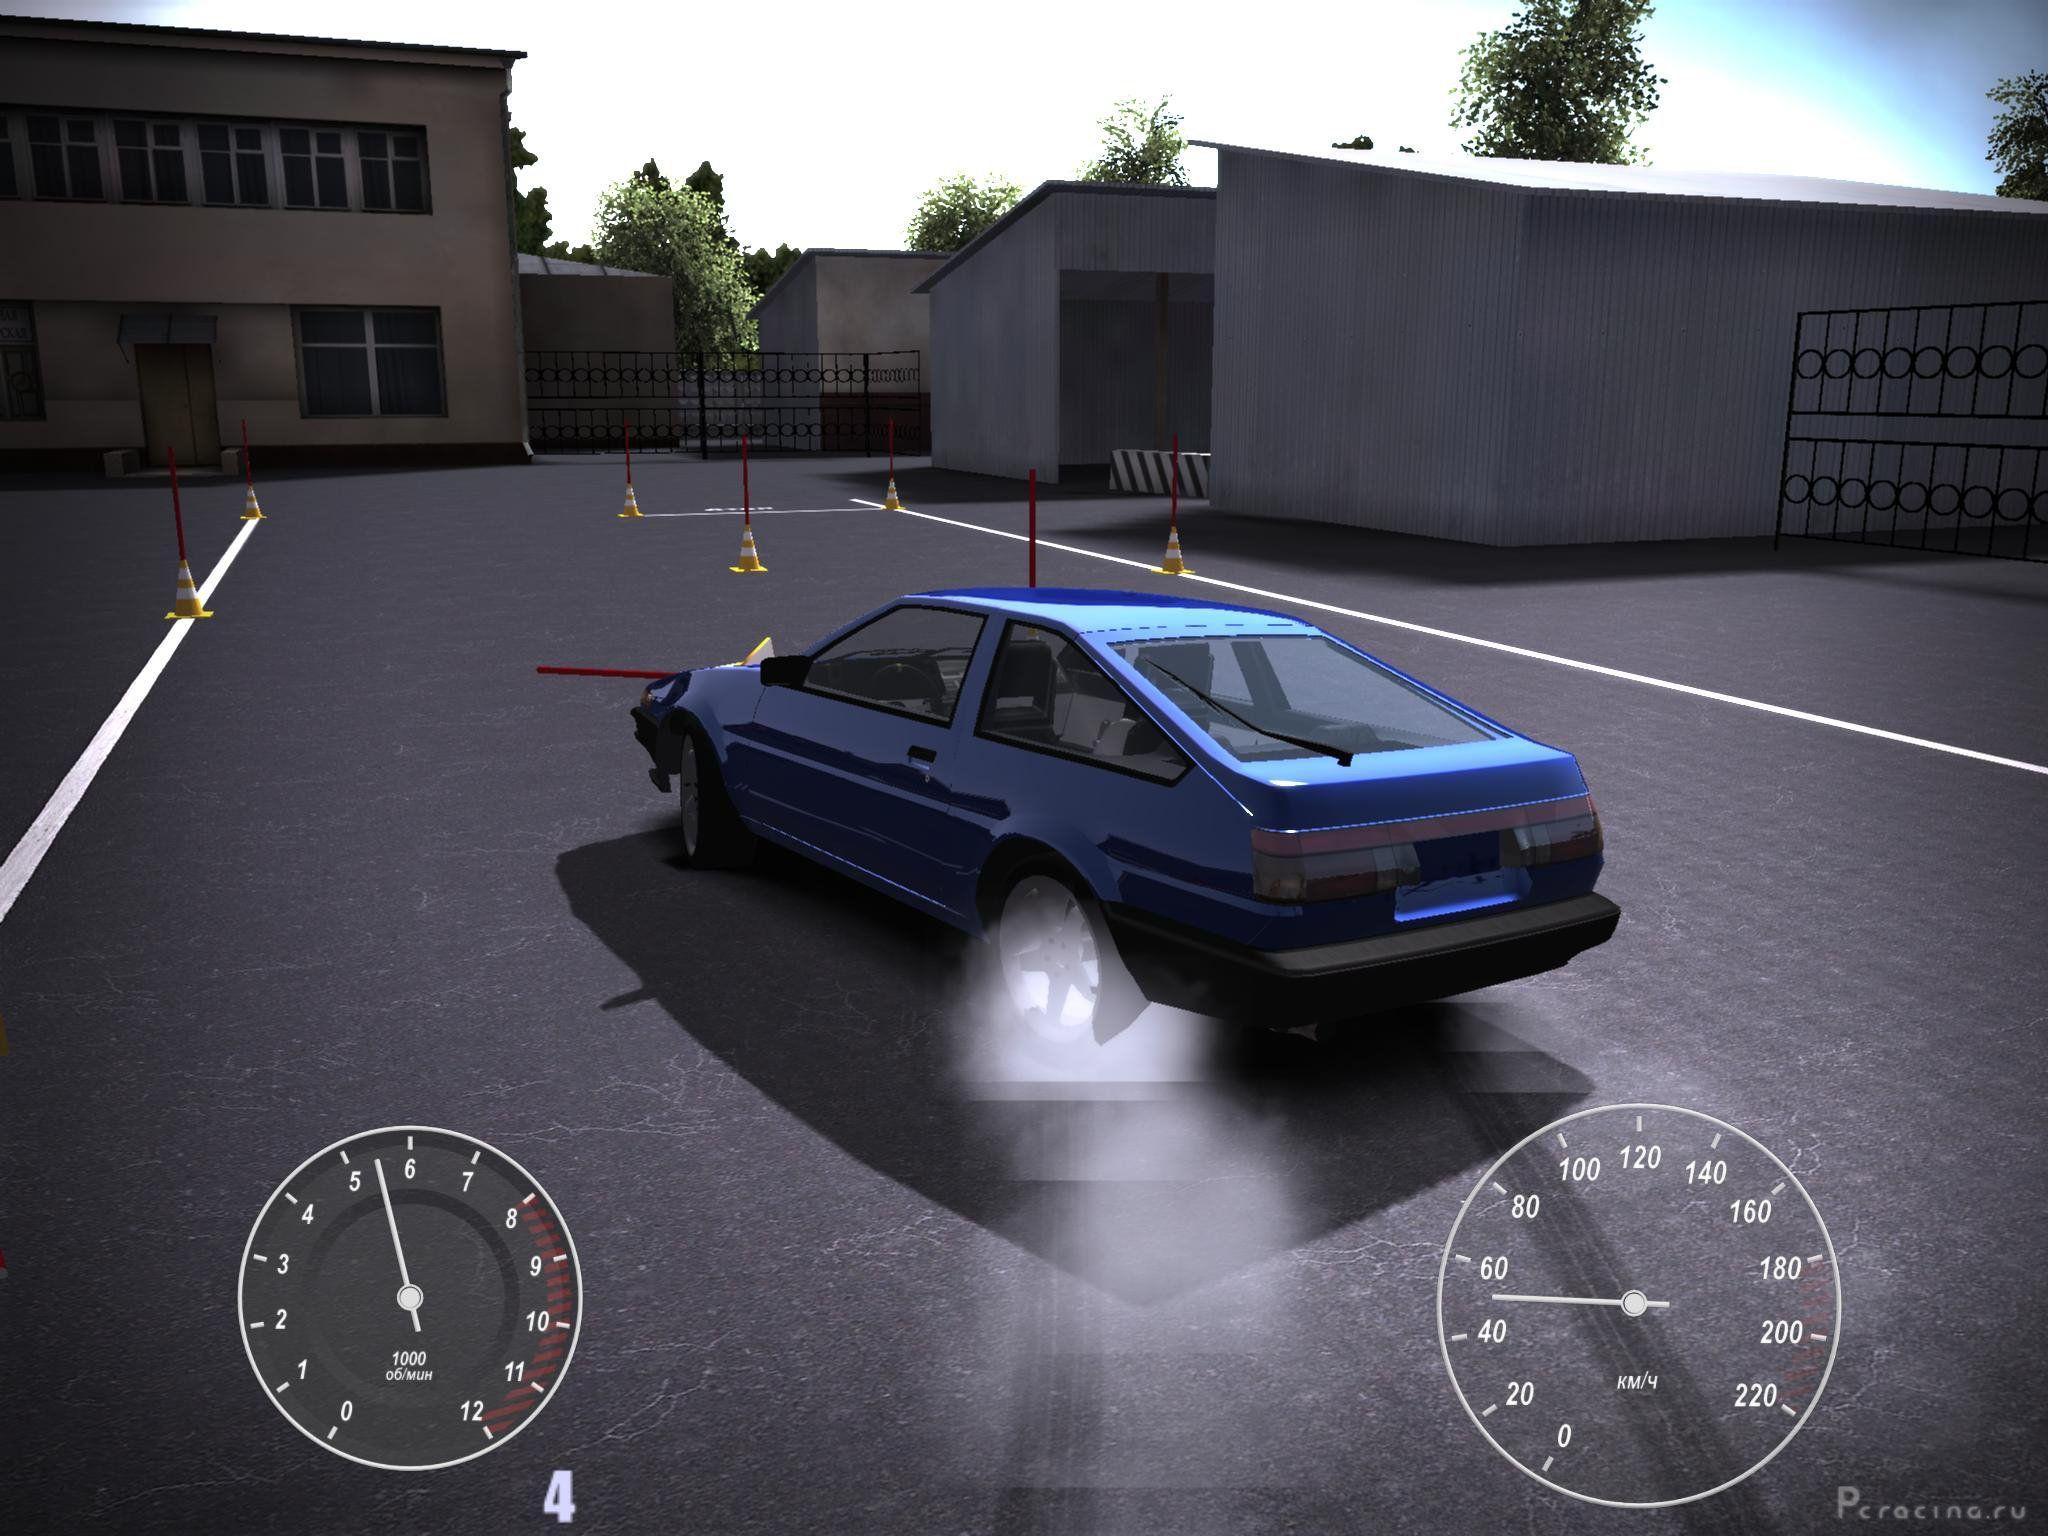 Скачать игру симулятор вождения по москве. Виртуальный водитель.